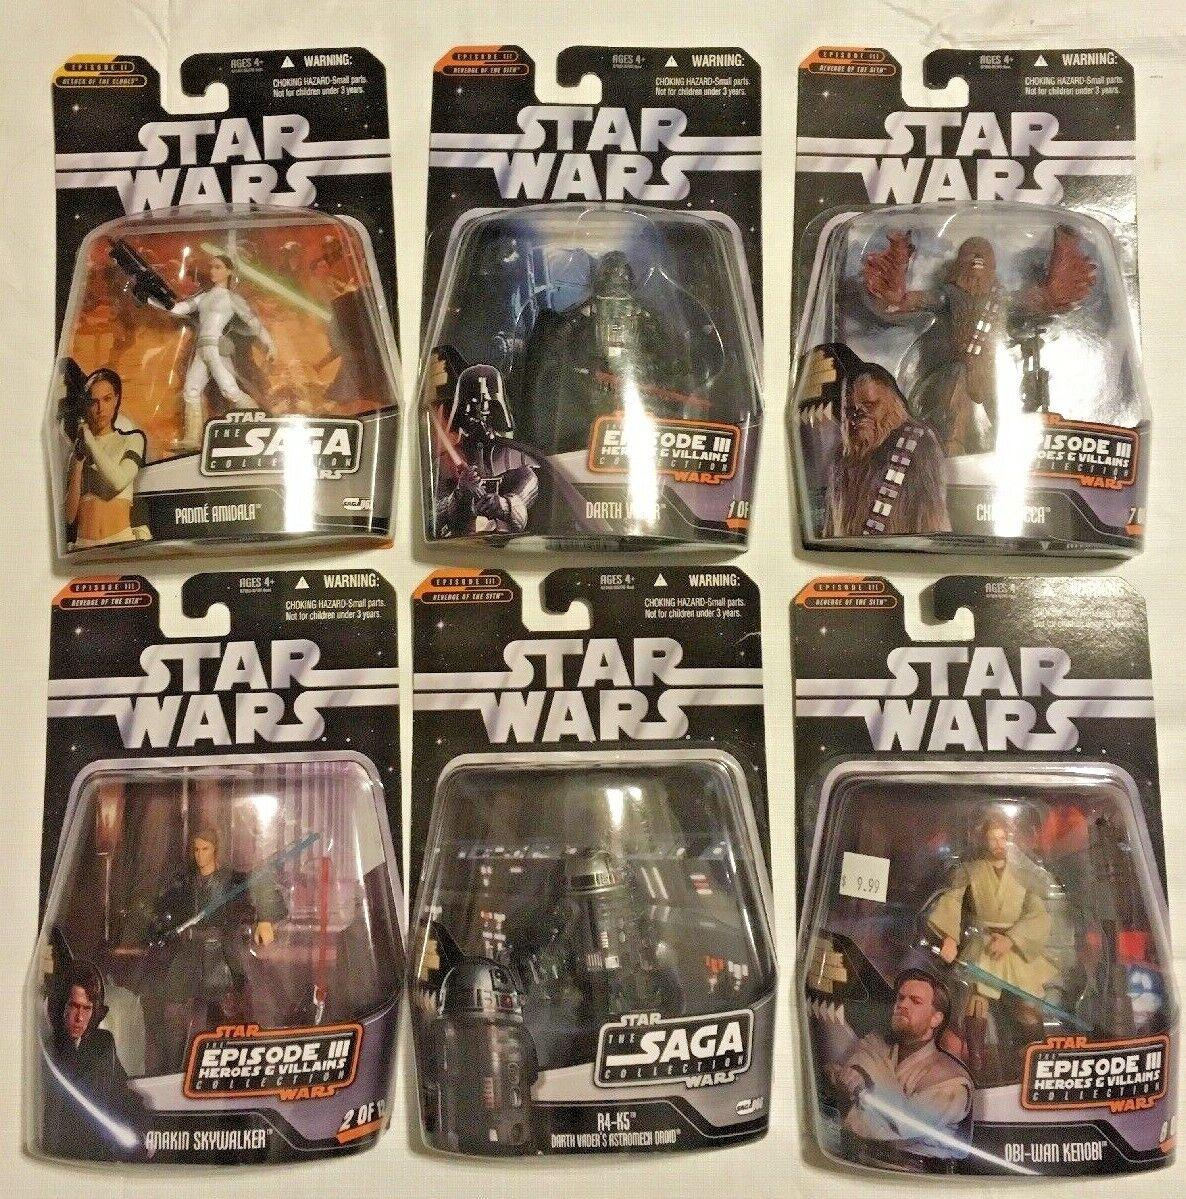 promociones emocionantes Estrella Wars episodio episodio episodio 2 y 3 Figuras Surtidos  opciones a bajo precio